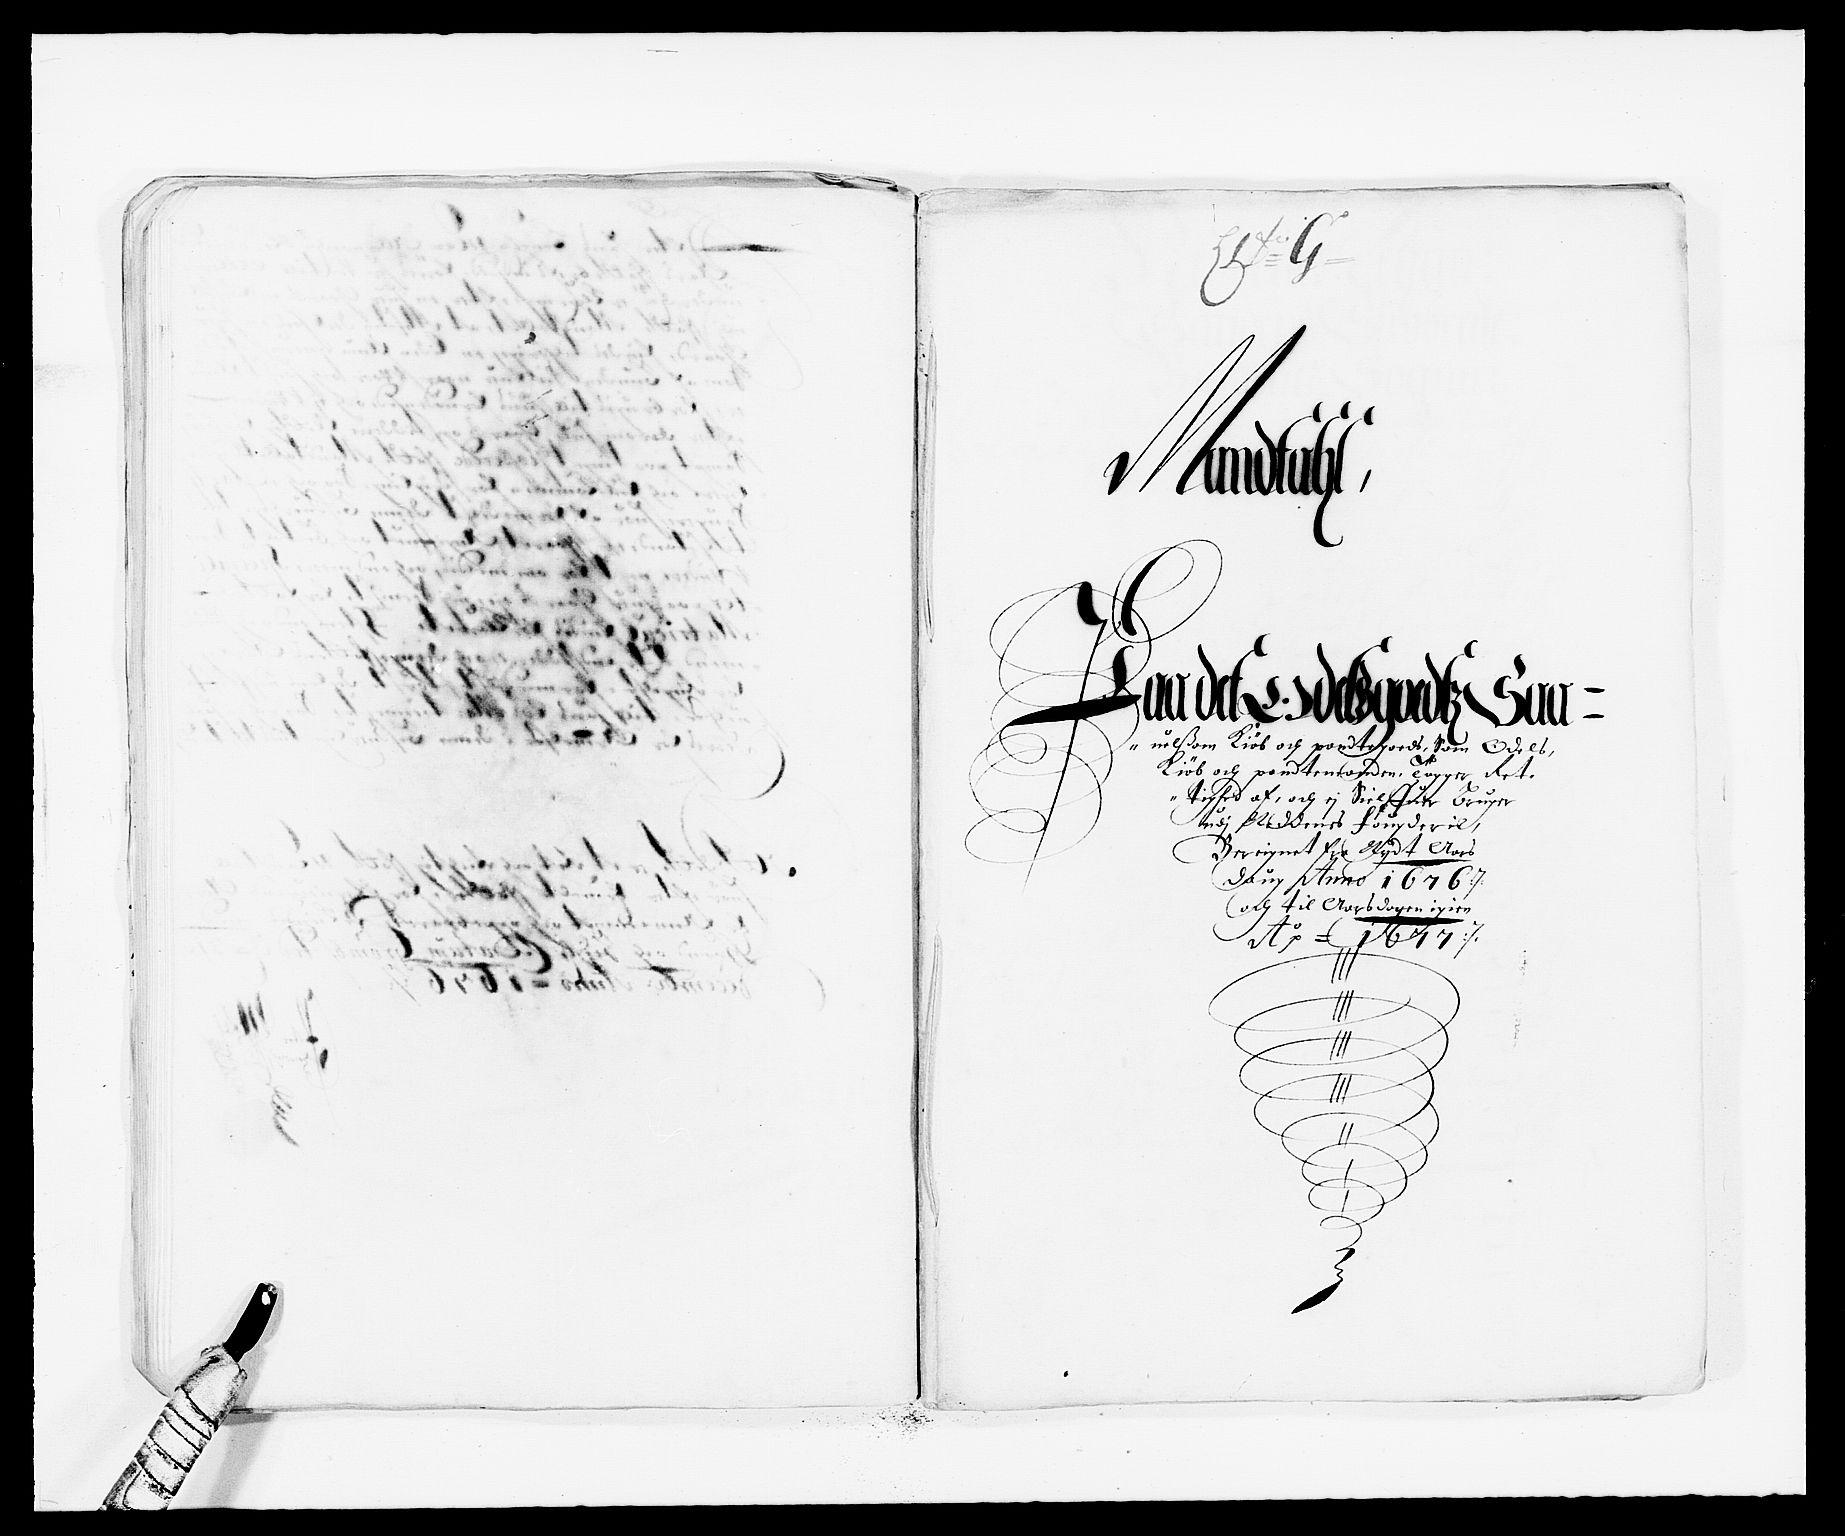 RA, Rentekammeret inntil 1814, Reviderte regnskaper, Fogderegnskap, R39/L2301: Fogderegnskap Nedenes, 1675-1676, s. 301